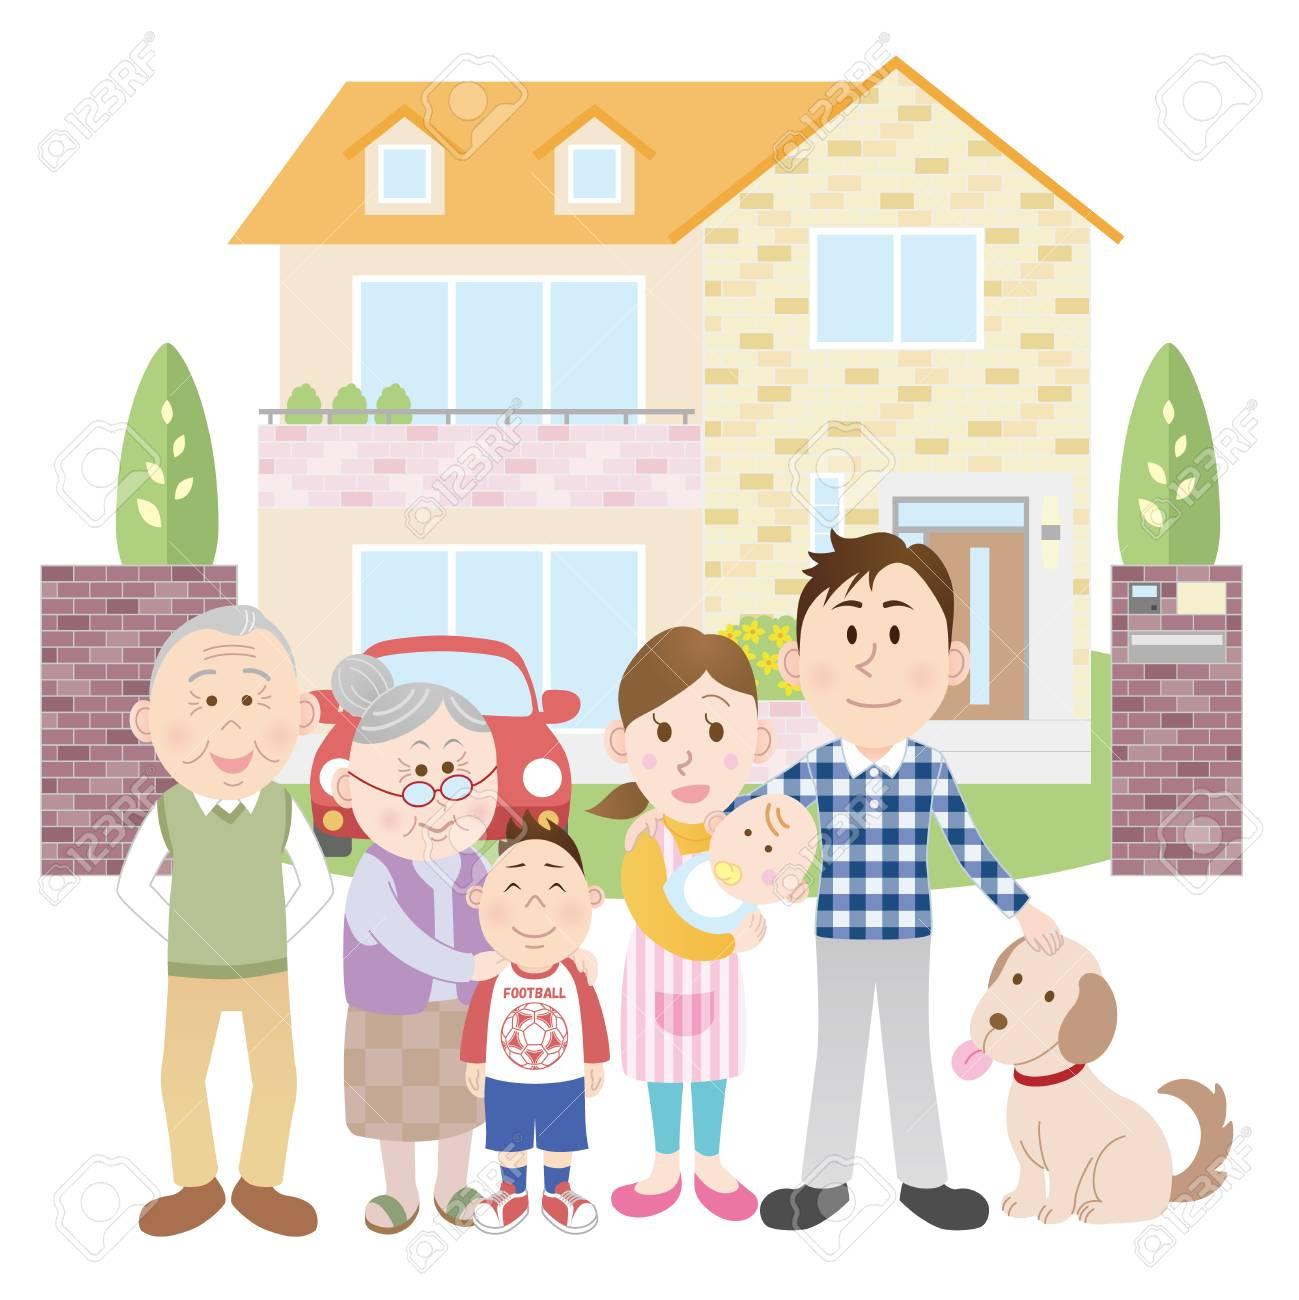 Family clipart house. Happy portal